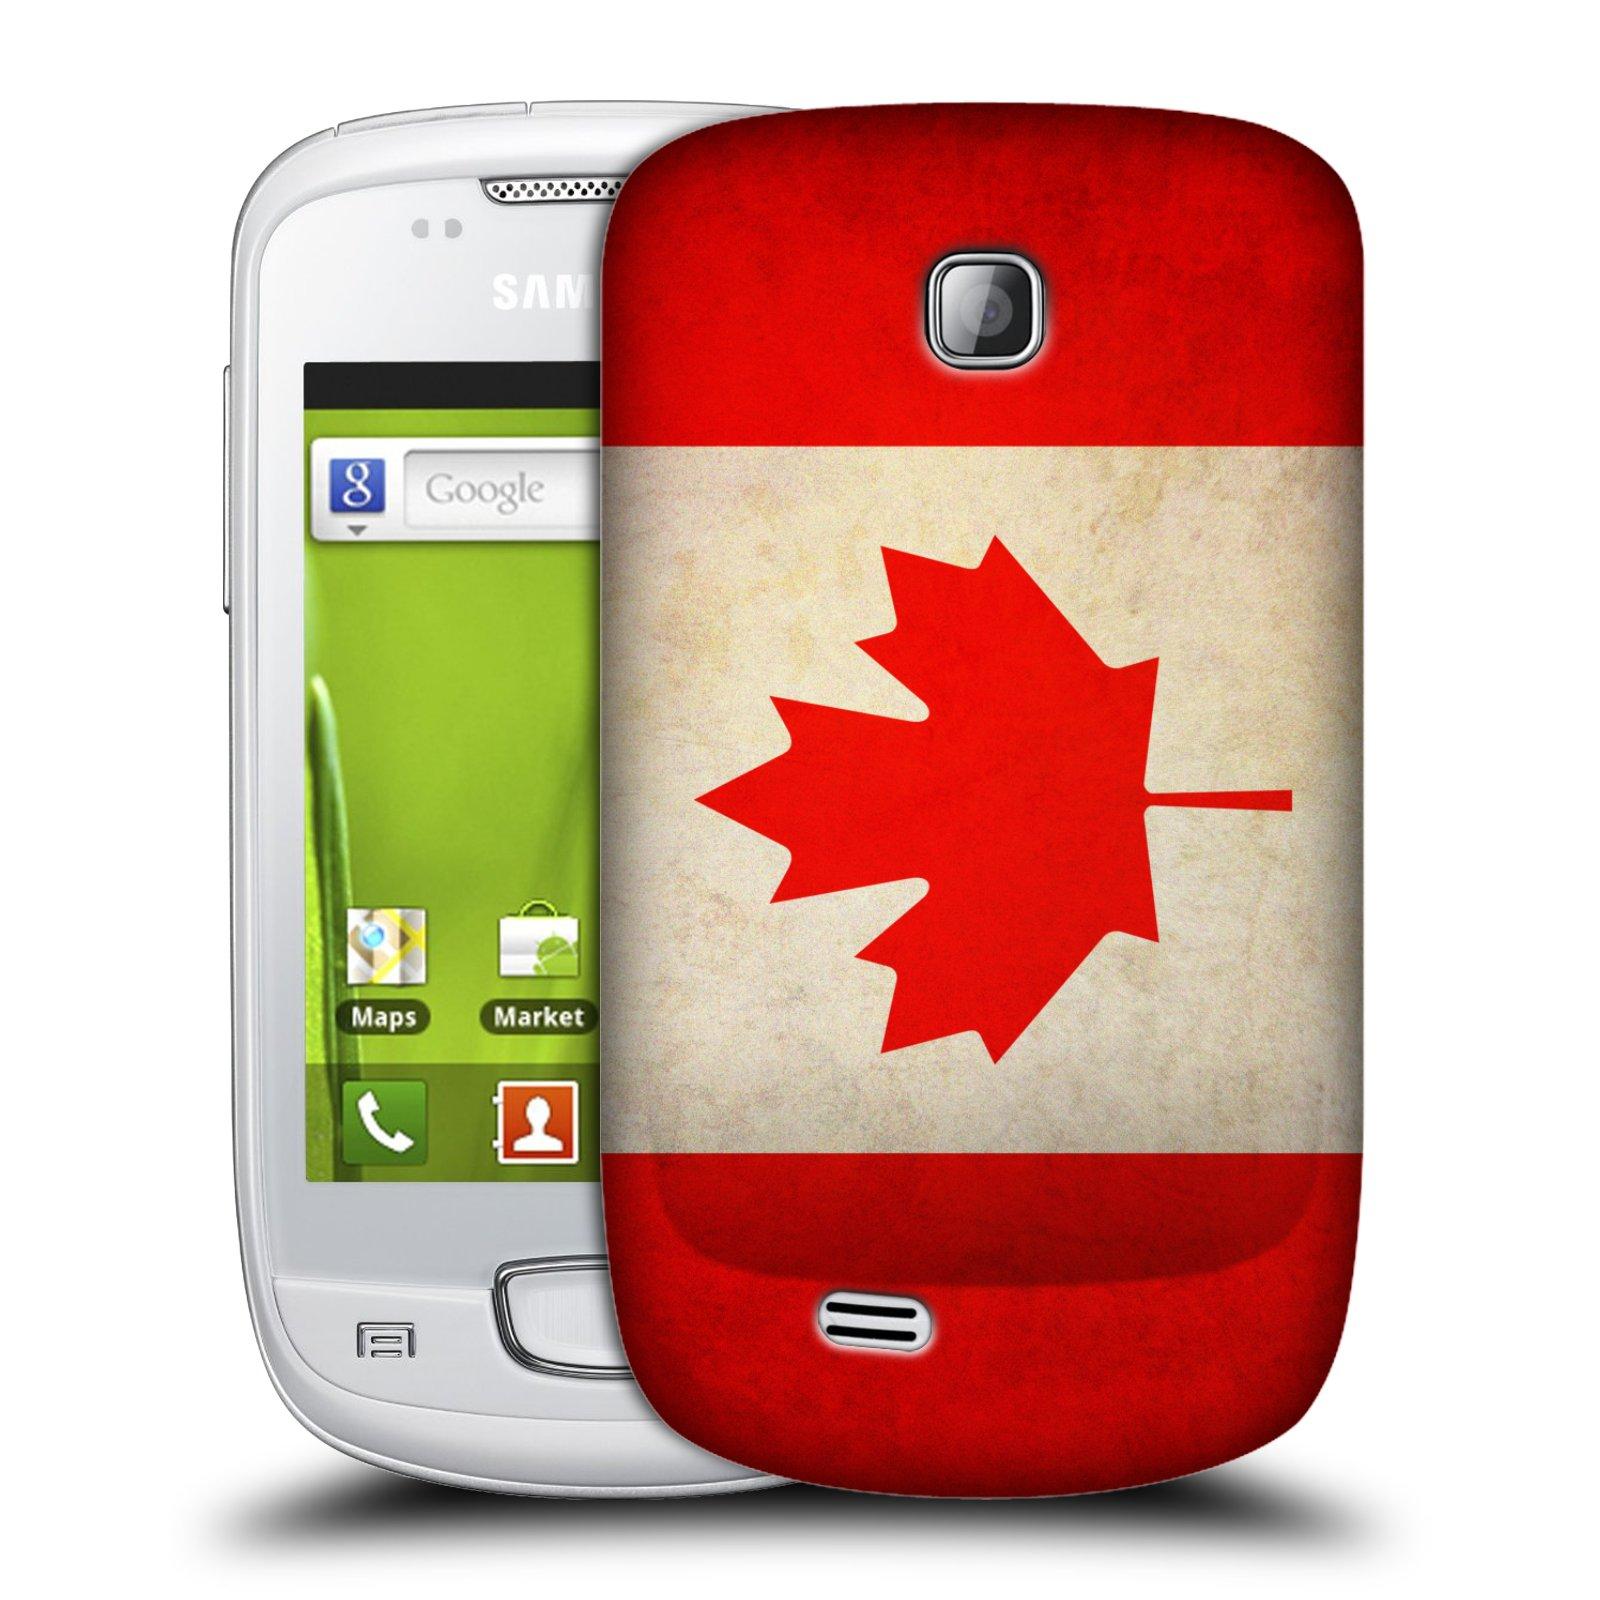 Plastové pouzdro na mobil Samsung Galaxy Mini HEAD CASE VLAJKA KANADA (Kryt či obal na mobilní telefon Samsung Galaxy Mini GT-S5570 / GT-S5570i)